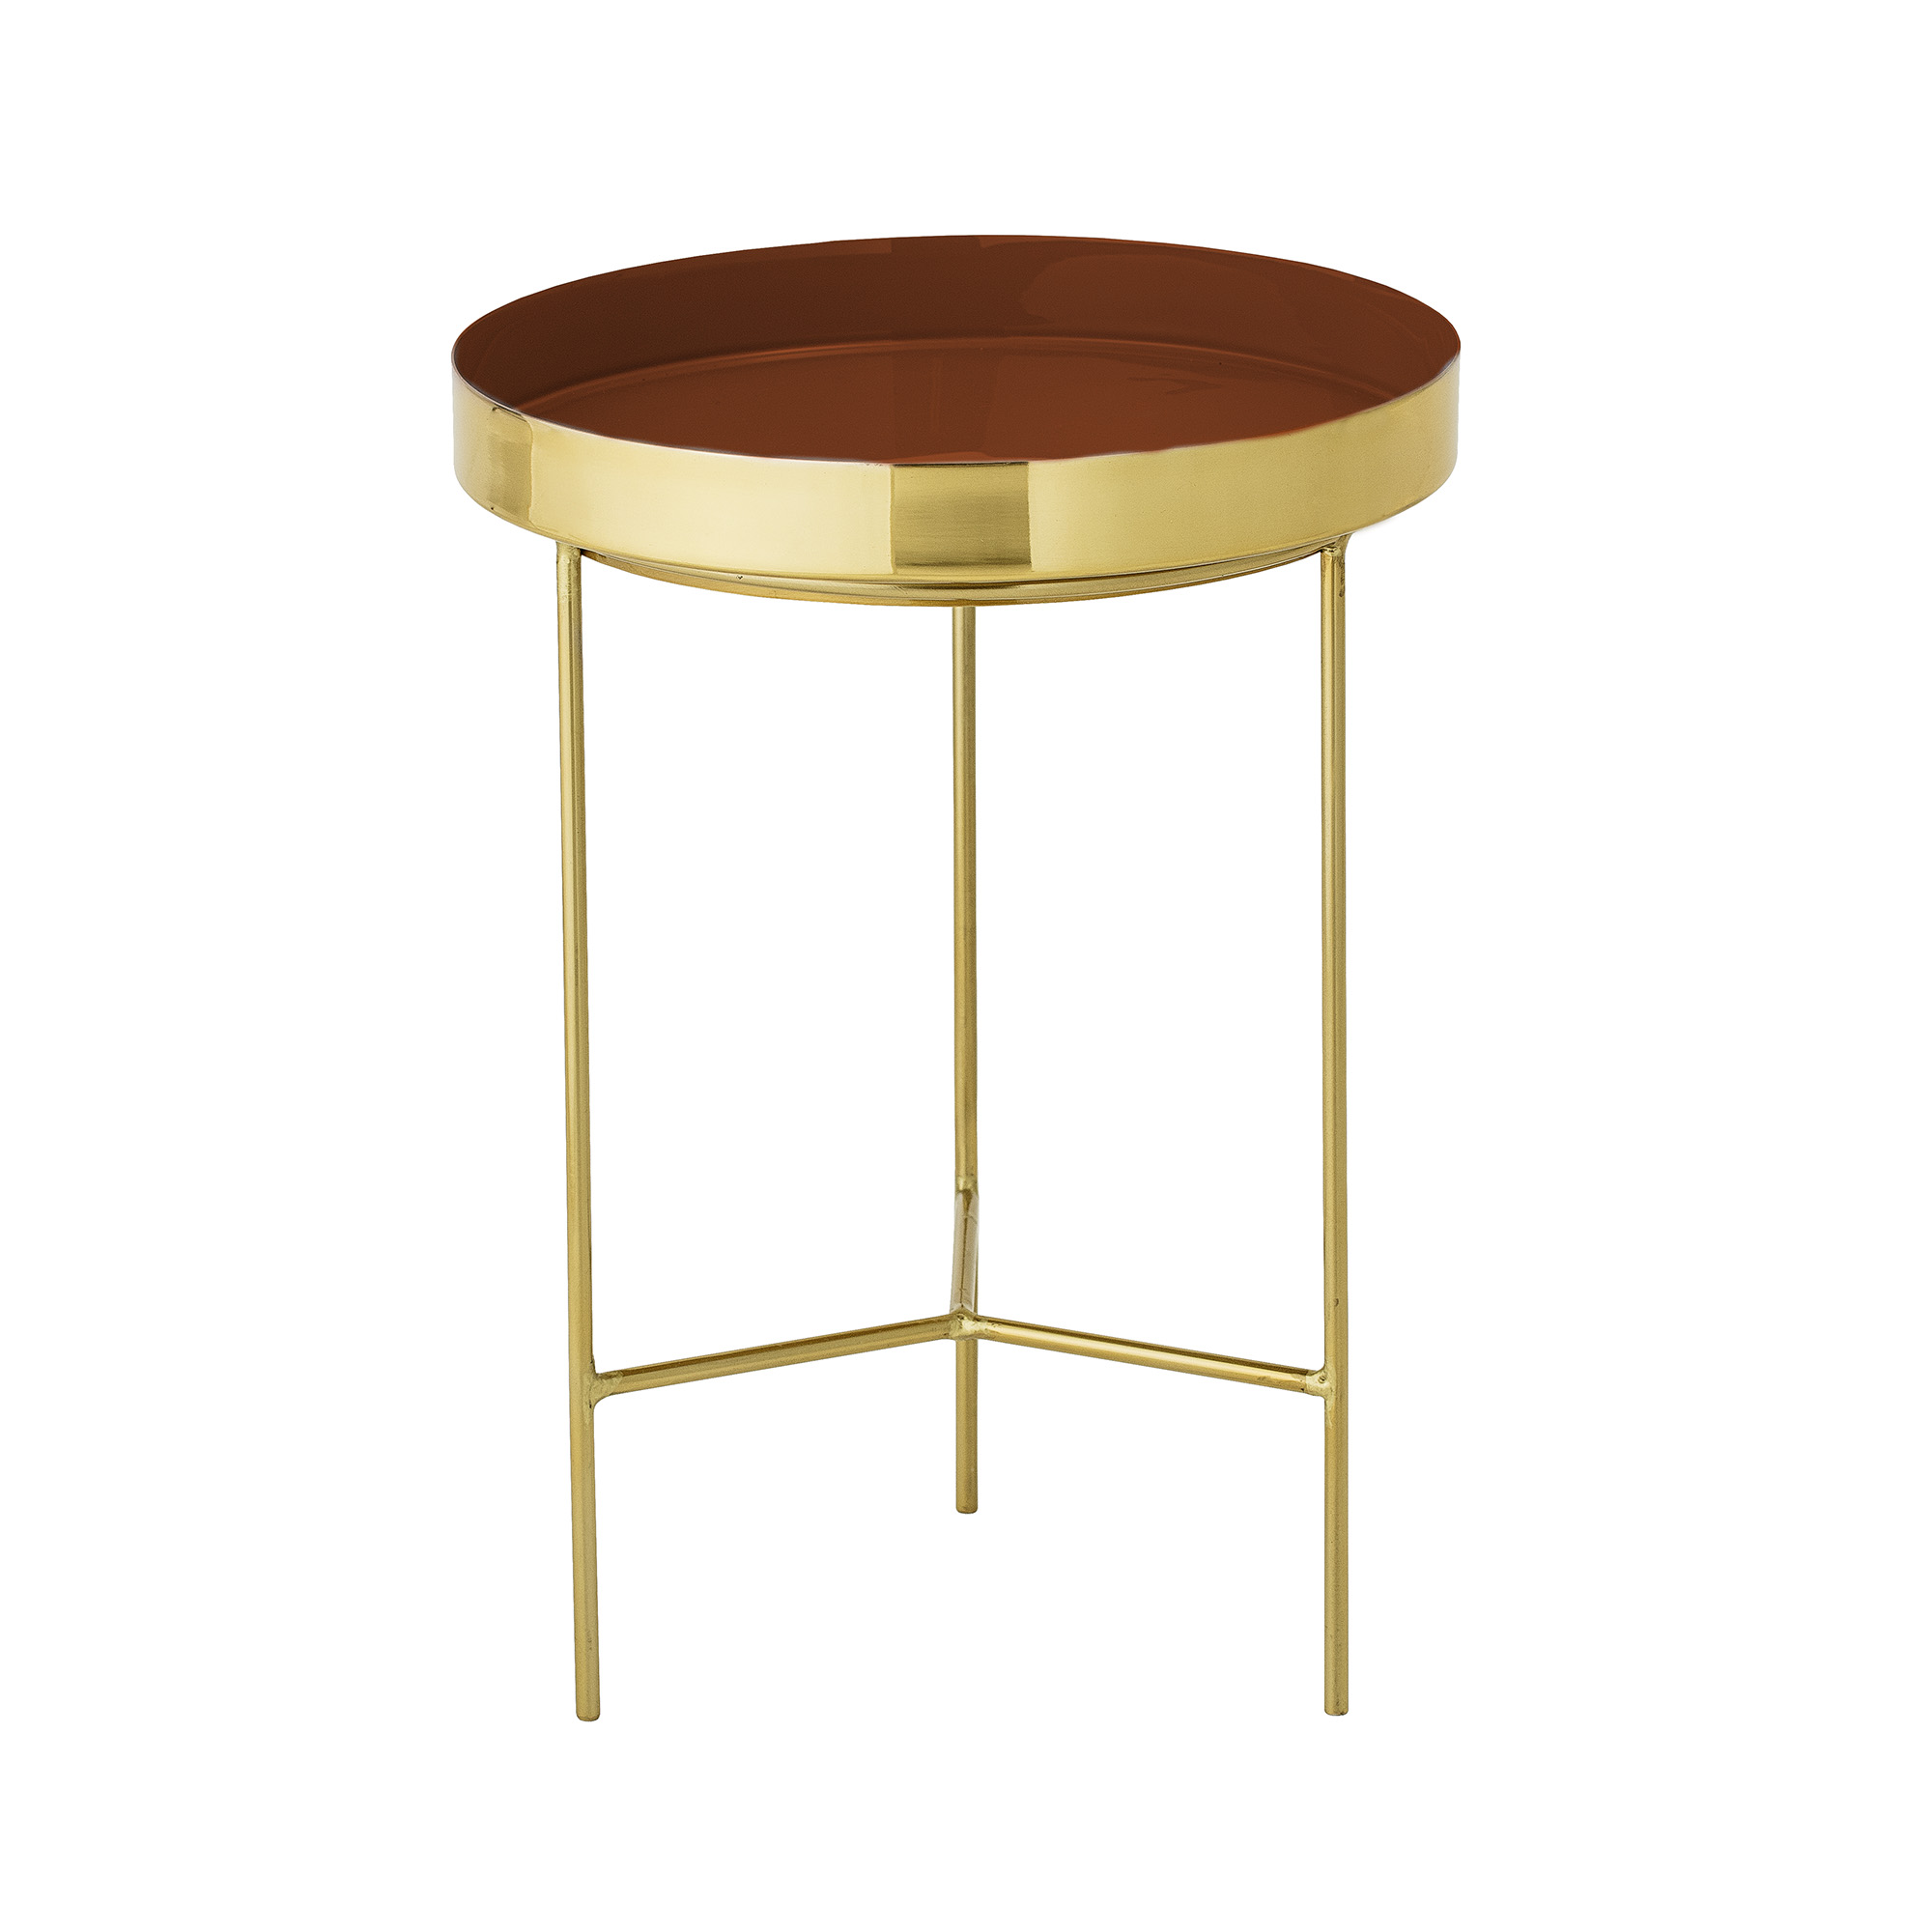 bloomingville – Bloomingville sola bakkebord - rød/guld aluminium/stål, rund (ø30) fra boboonline.dk